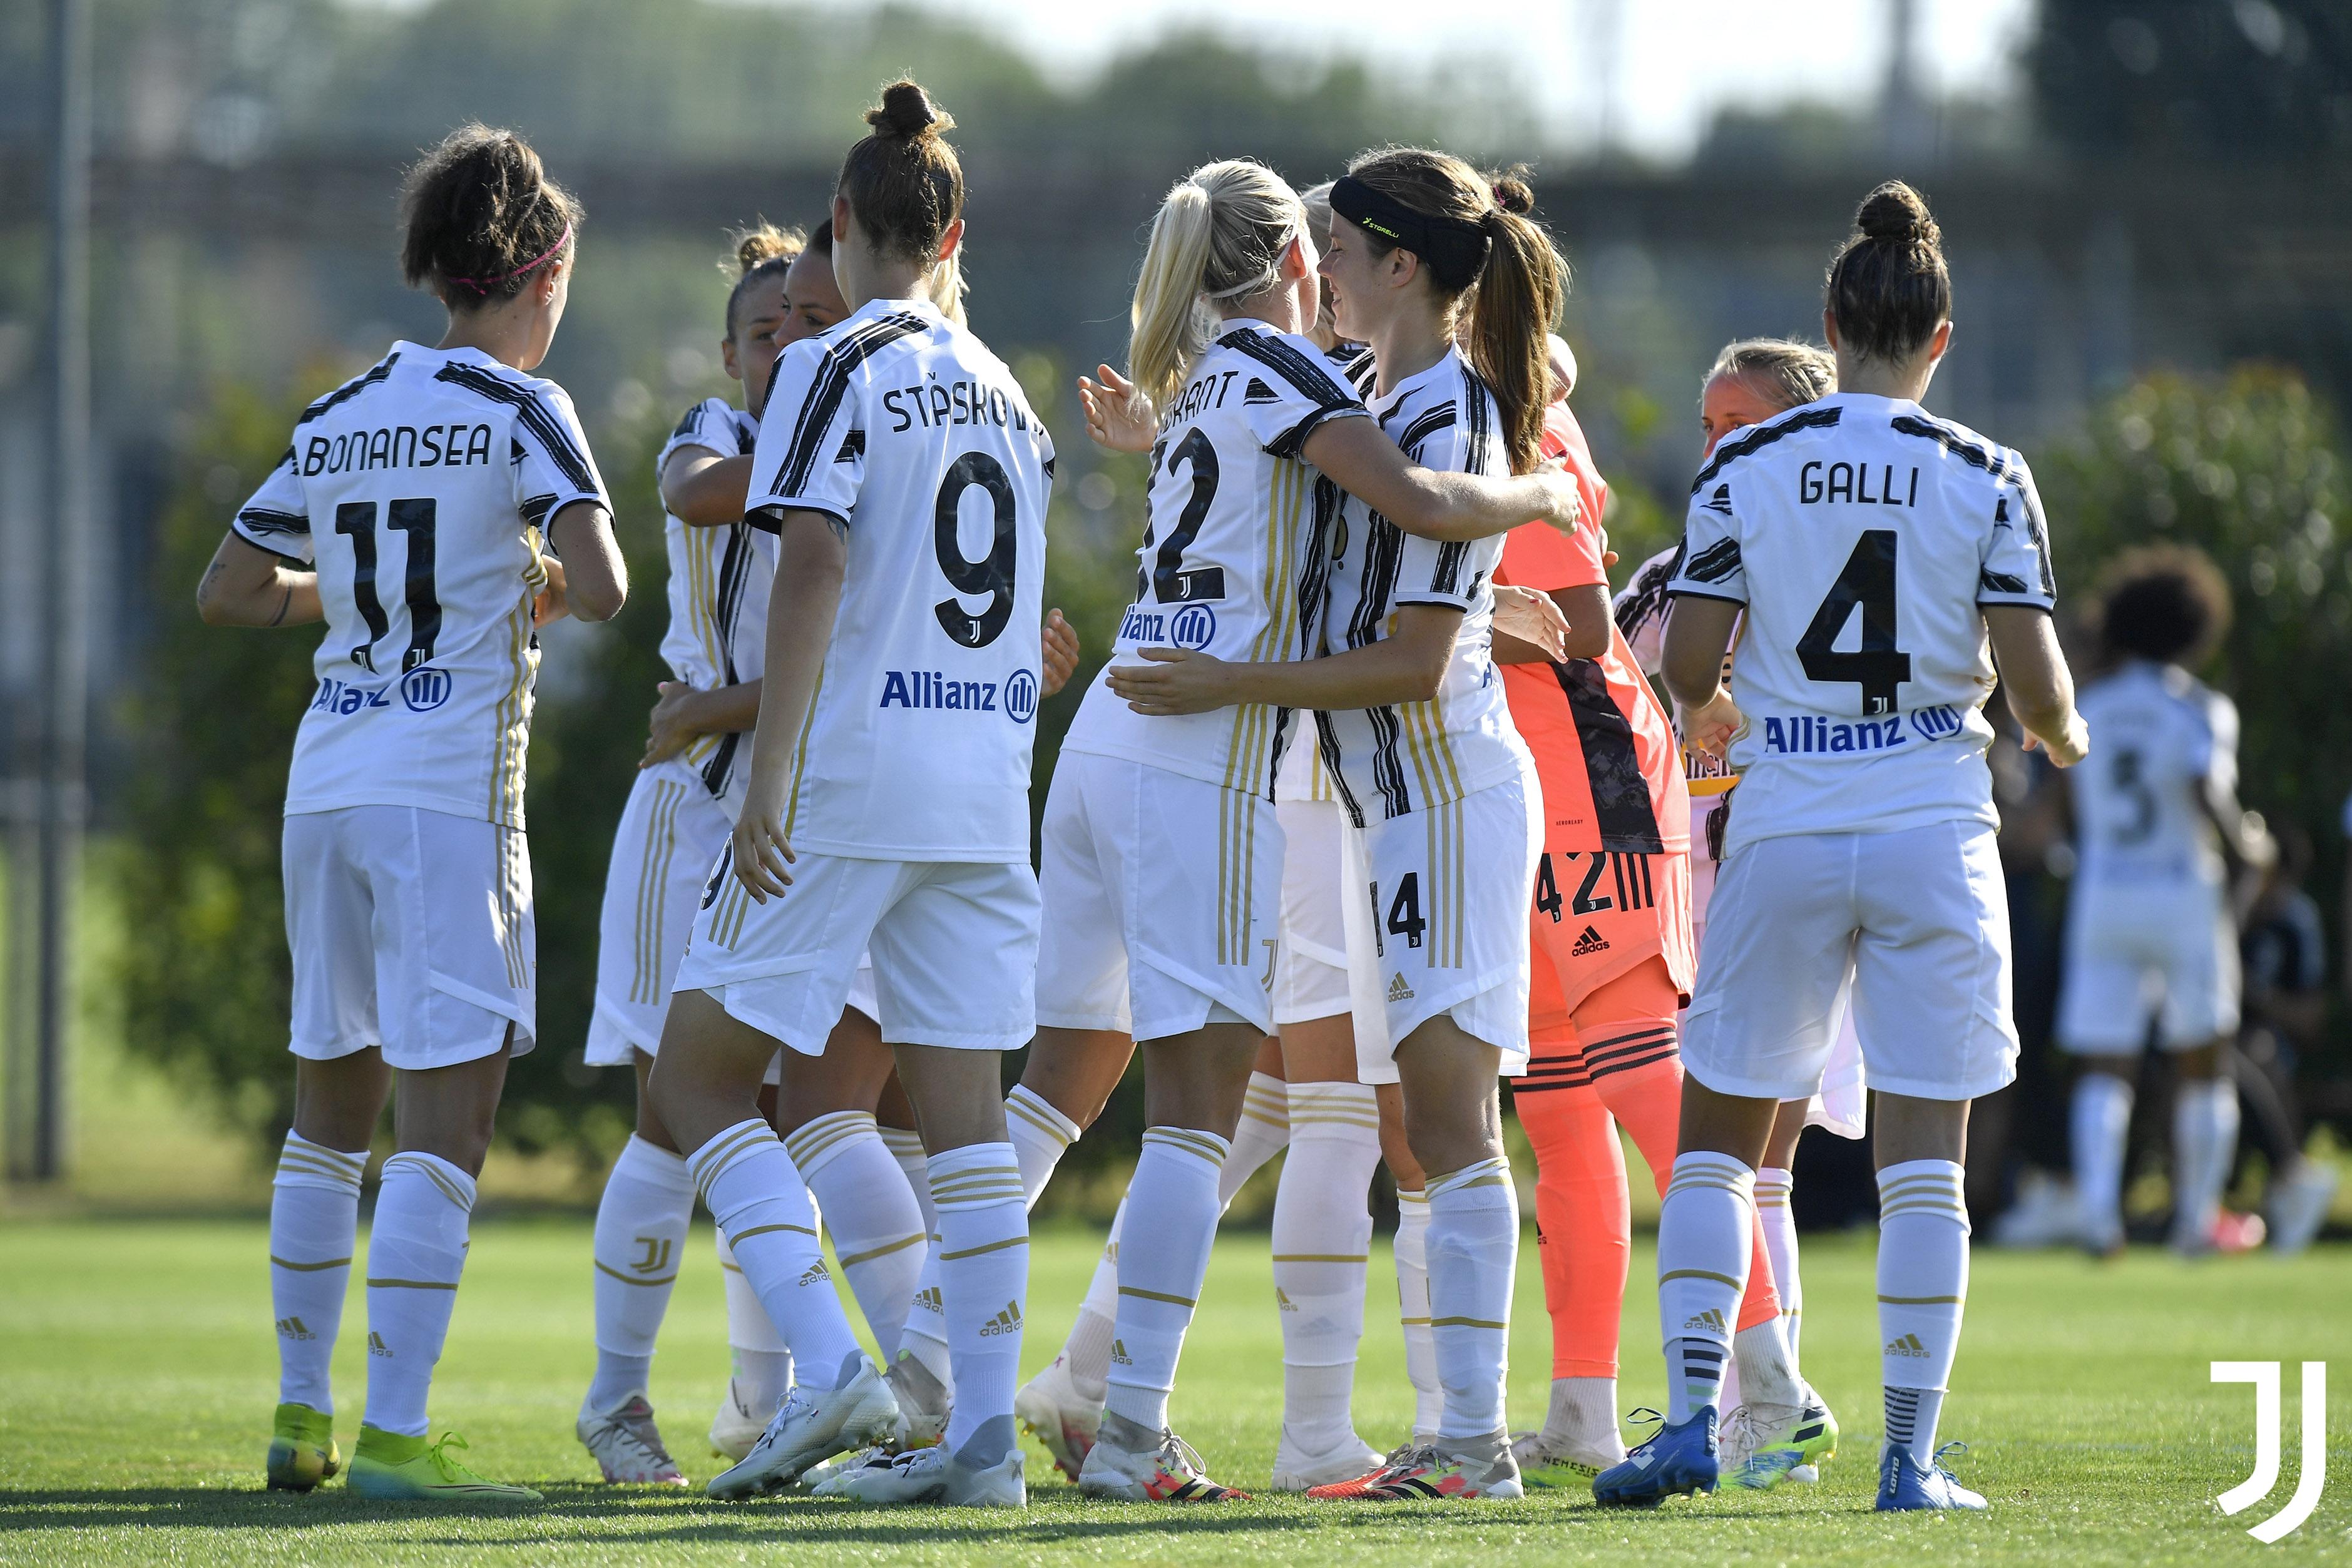 Calcio Serie A Femminile, al via la stagione 2020-21 con diretta su Sky Sport